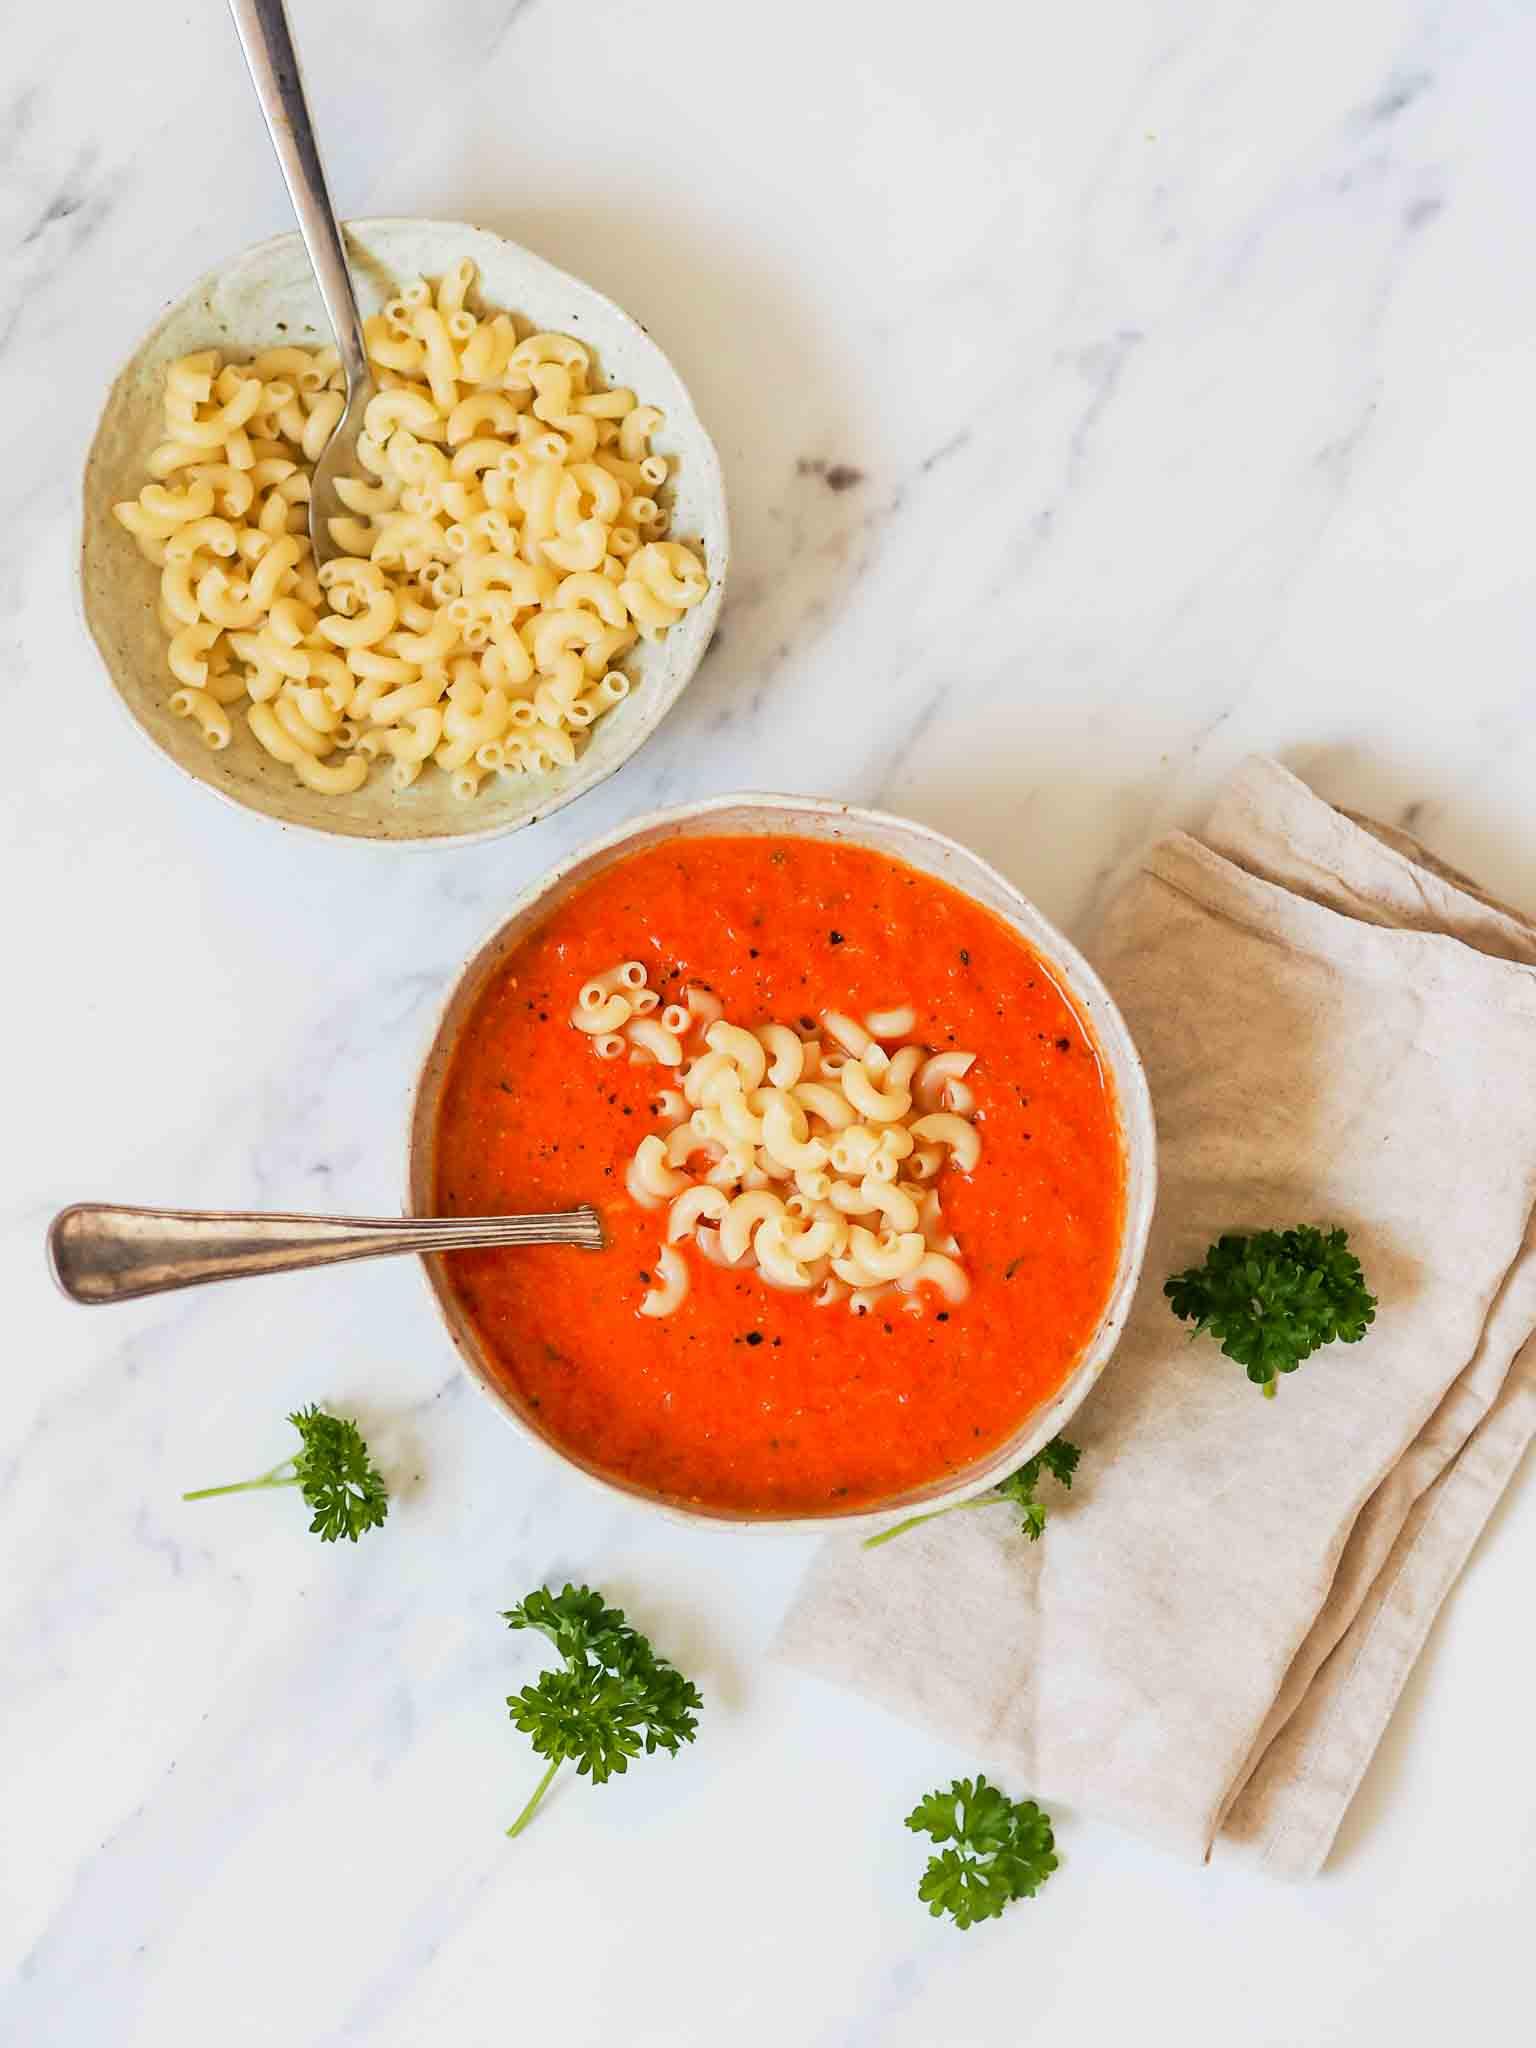 Nem tomatsuppe med mascarpone